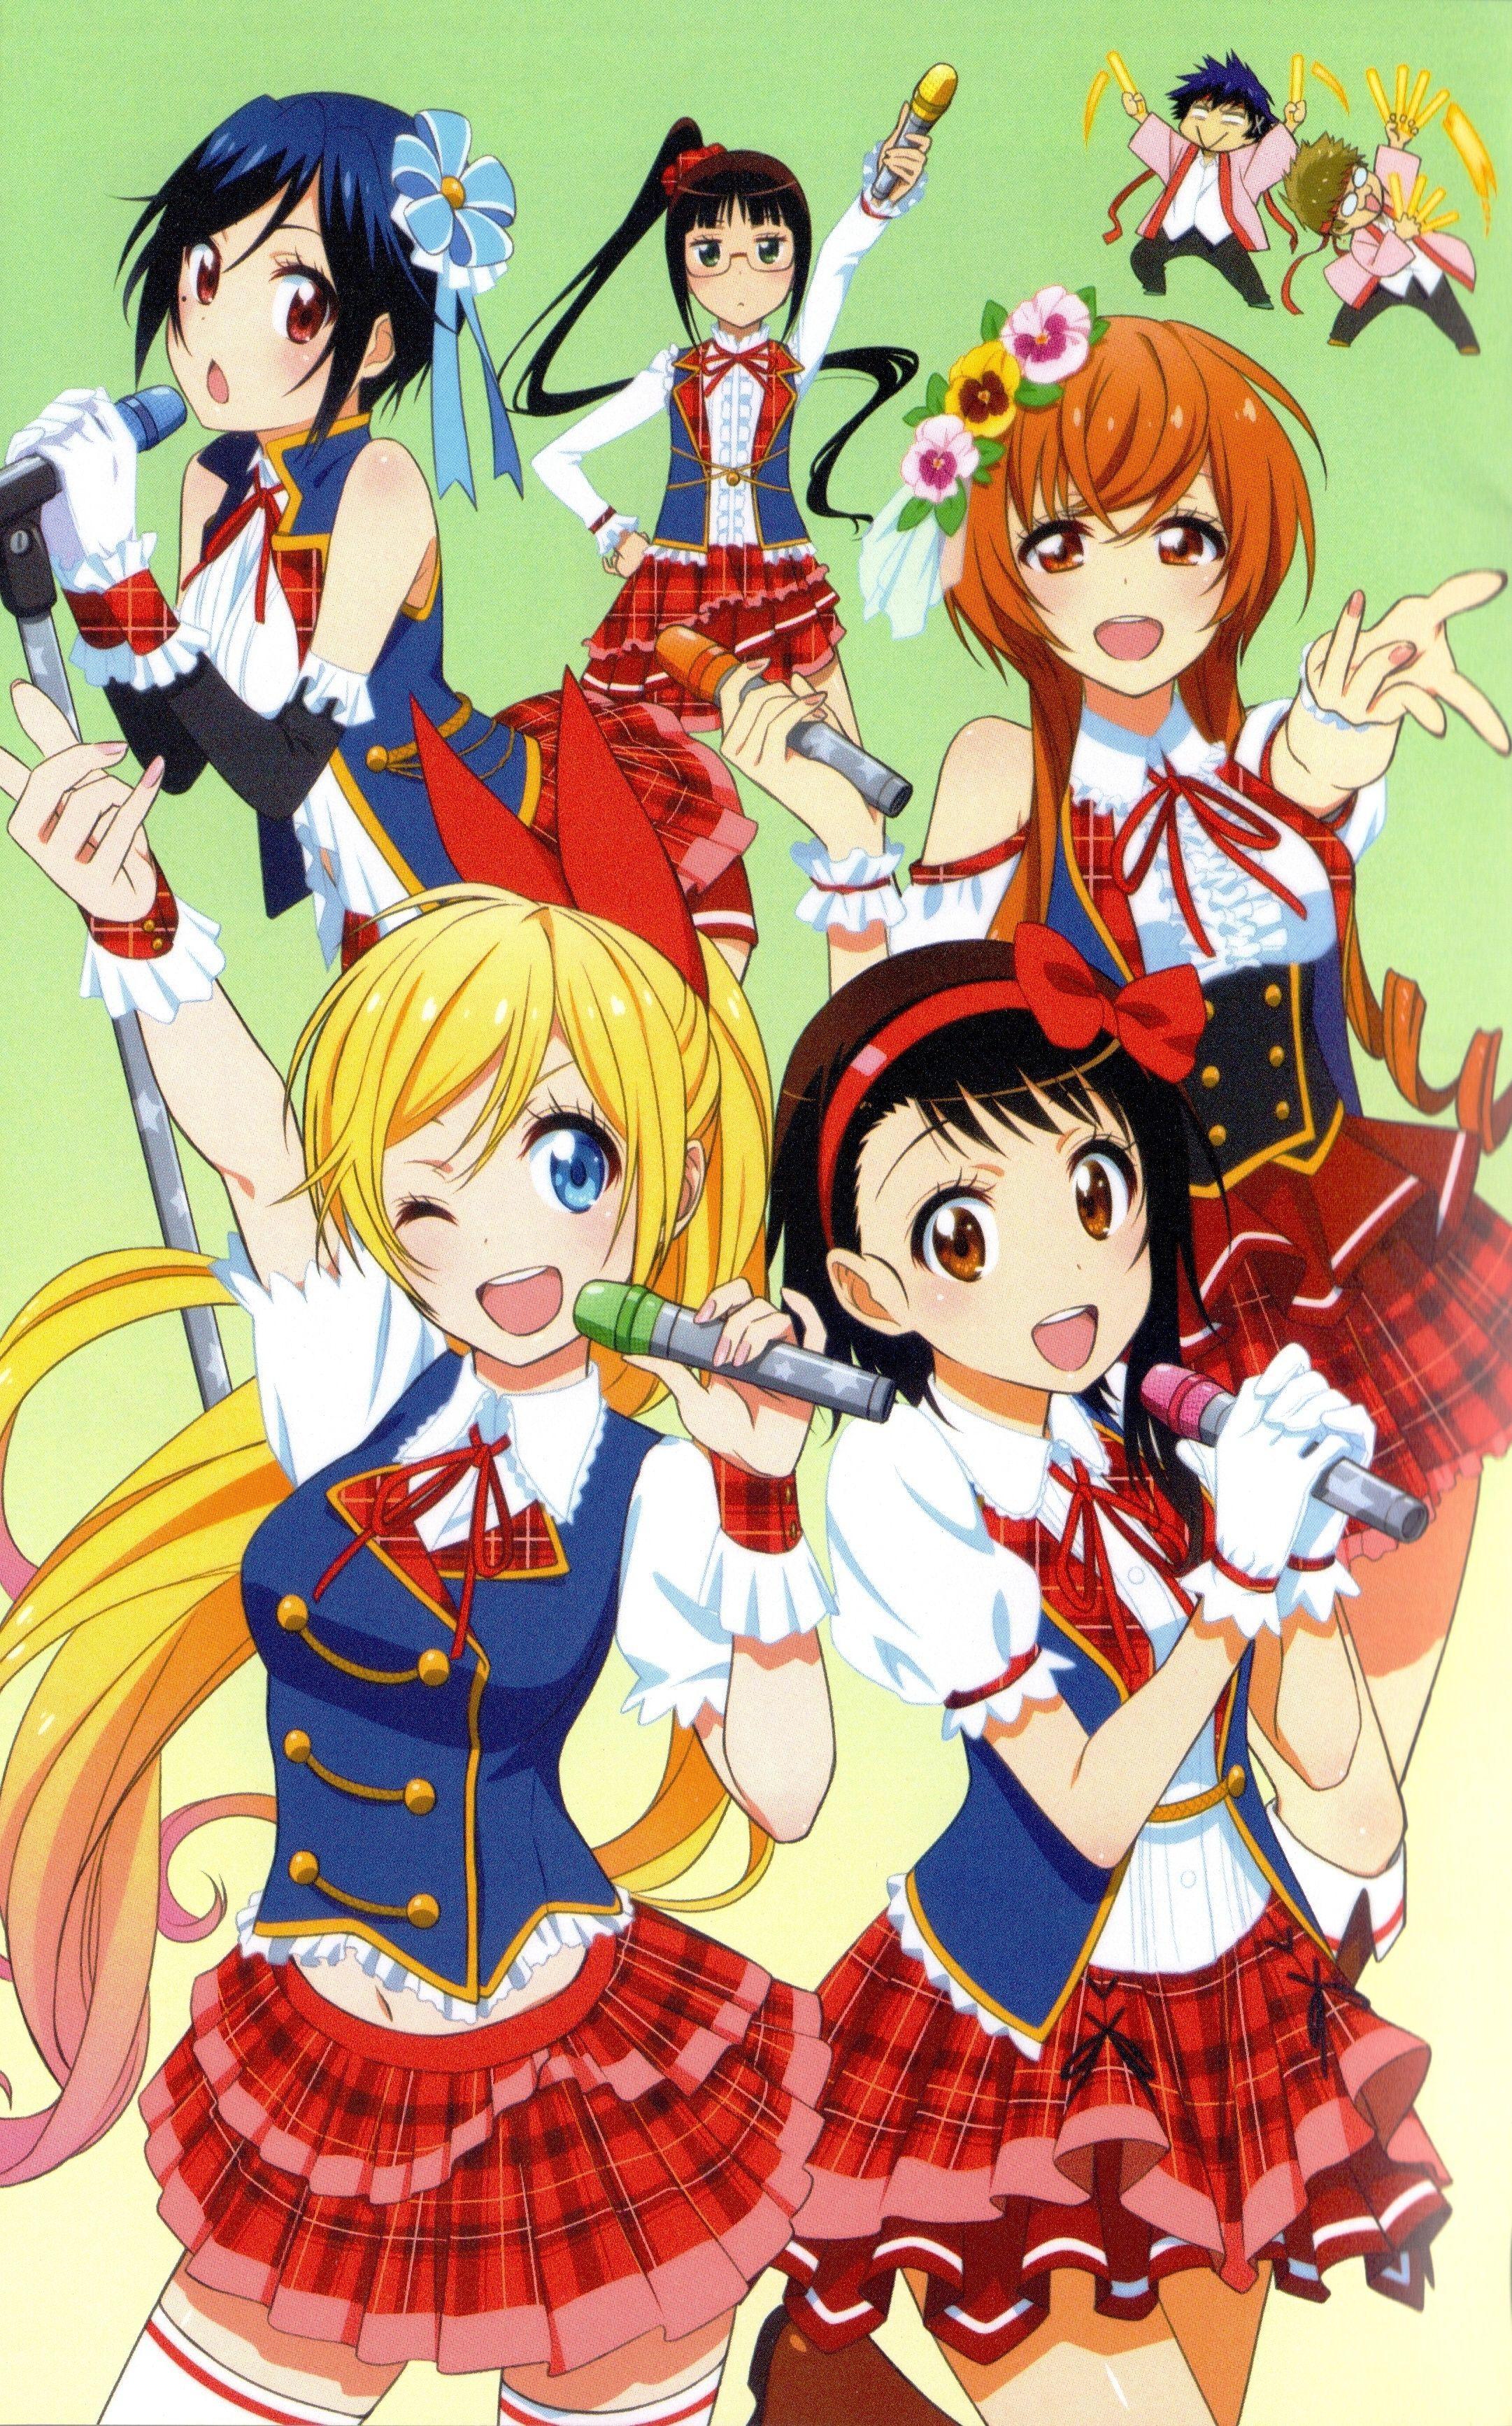 Nisekoi 1837704 Nisekoi Nisekoi Chitoge Nisekoi Manga Anime nisekoi mobile wallpaper